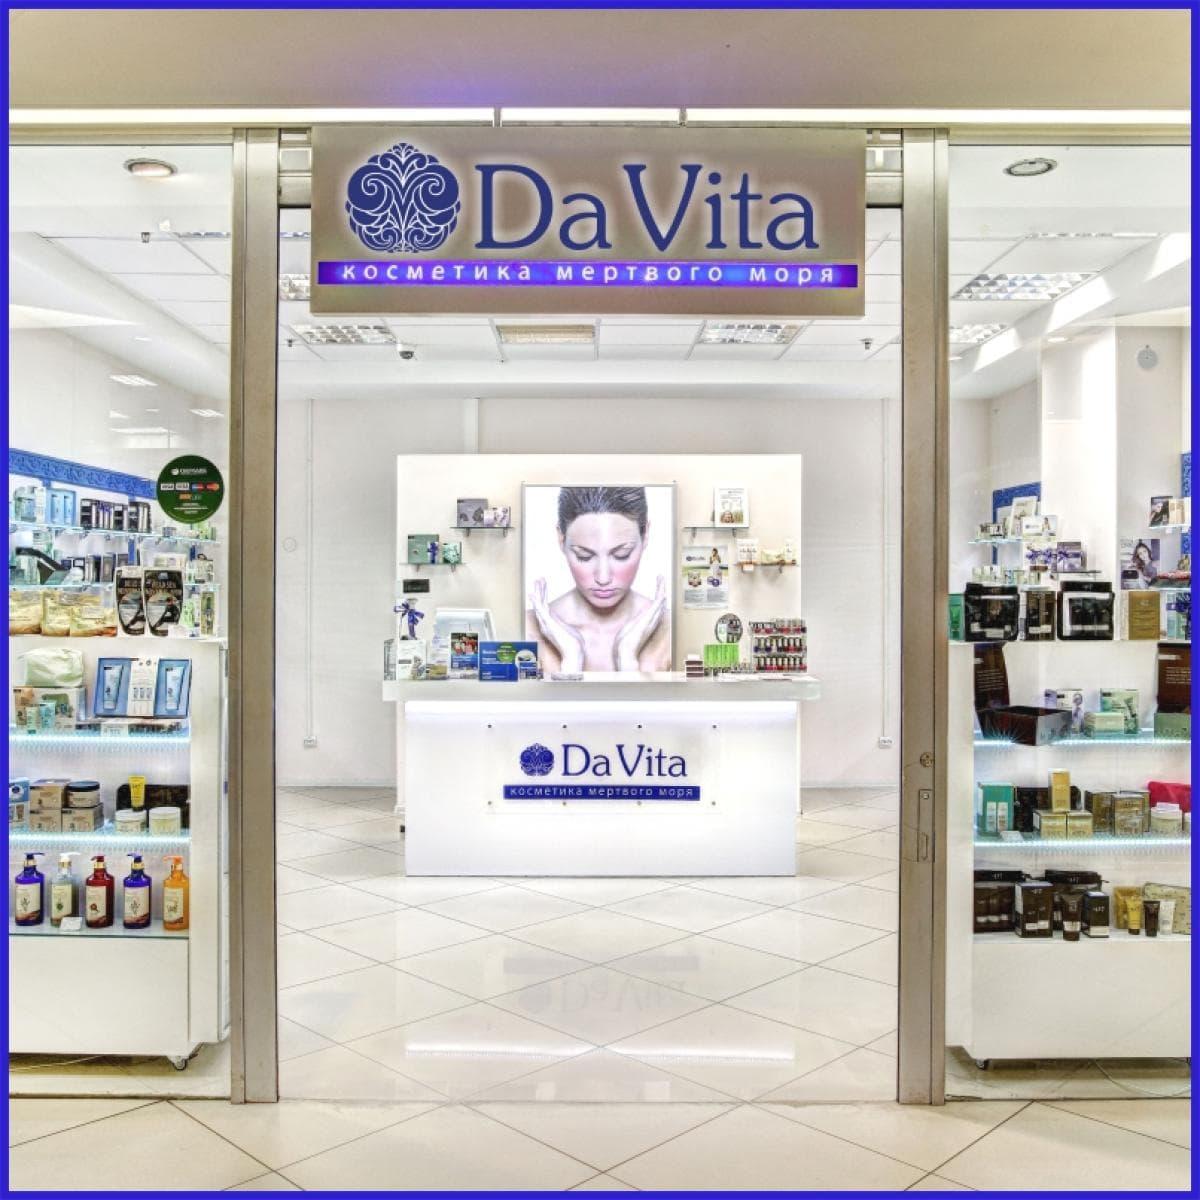 Магазин израильской и корейской косметики DaVita в СПб во Владимирском Пассаже